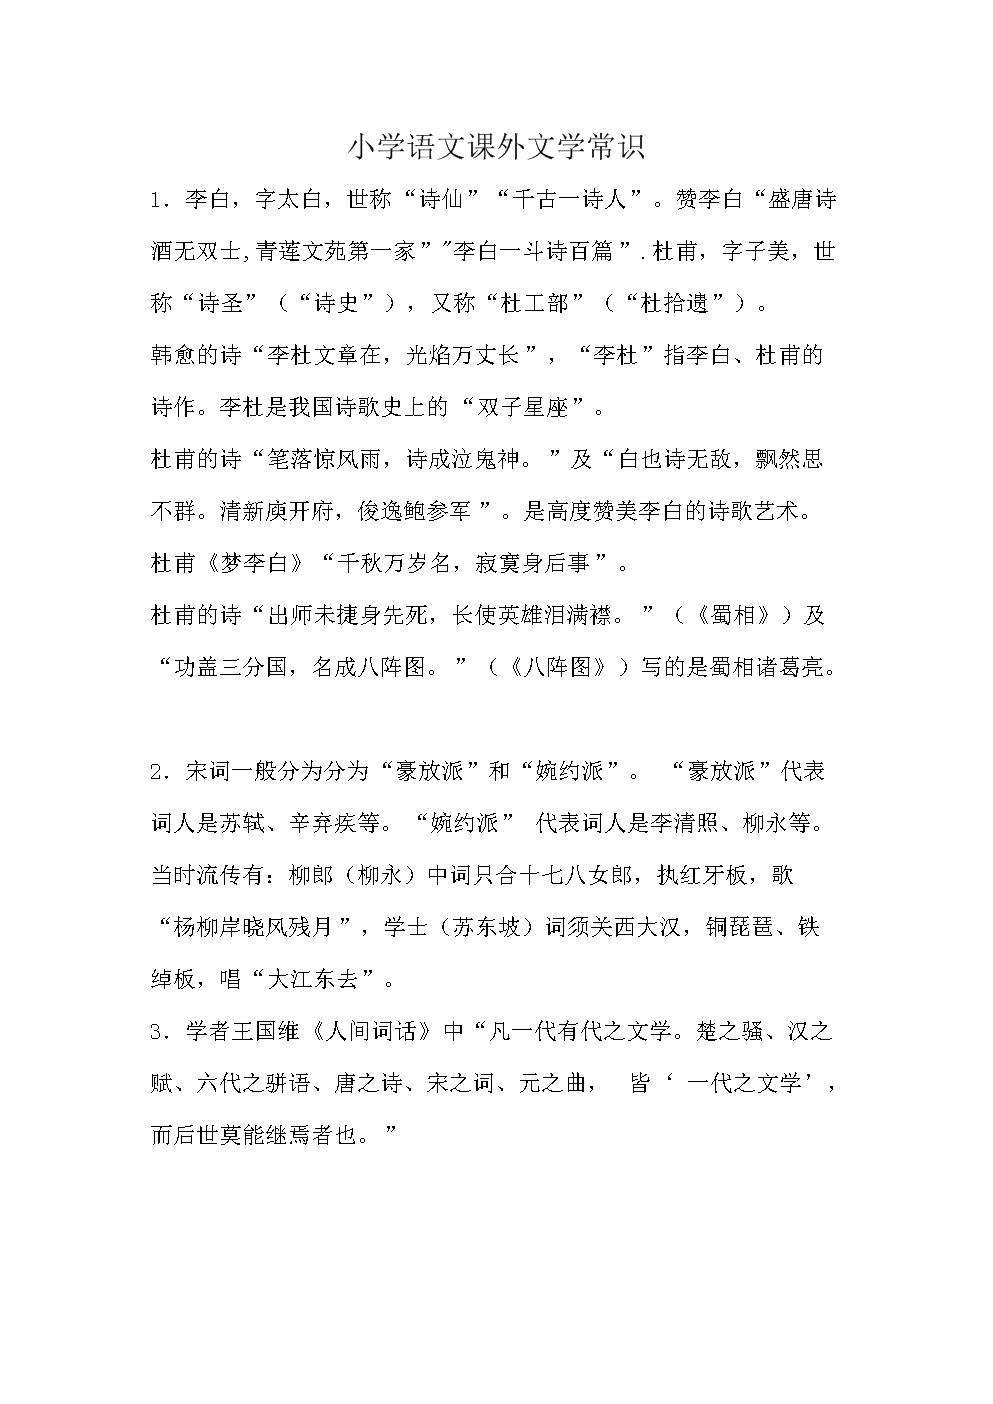 小学语文课外文学常识1.doc